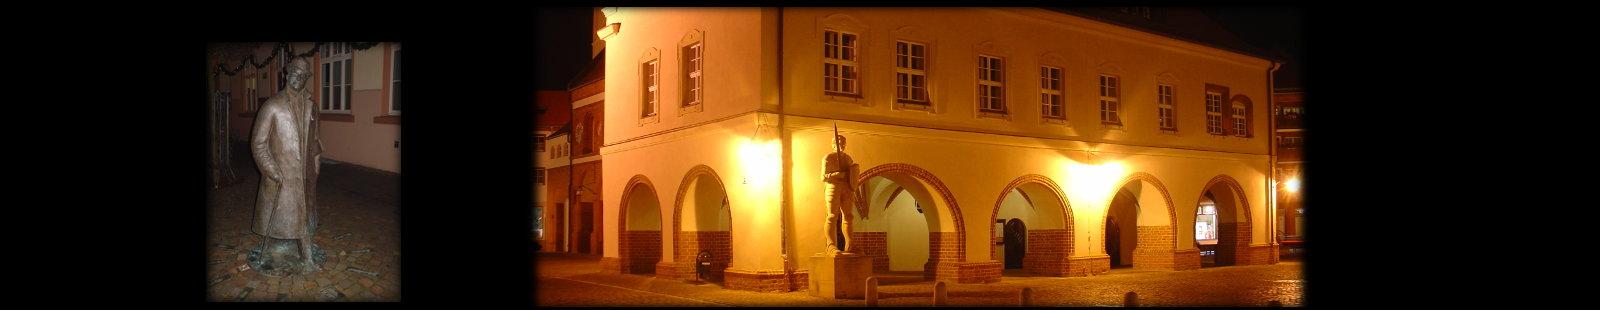 Otto Reutter und das Rathaus in Gardelegen